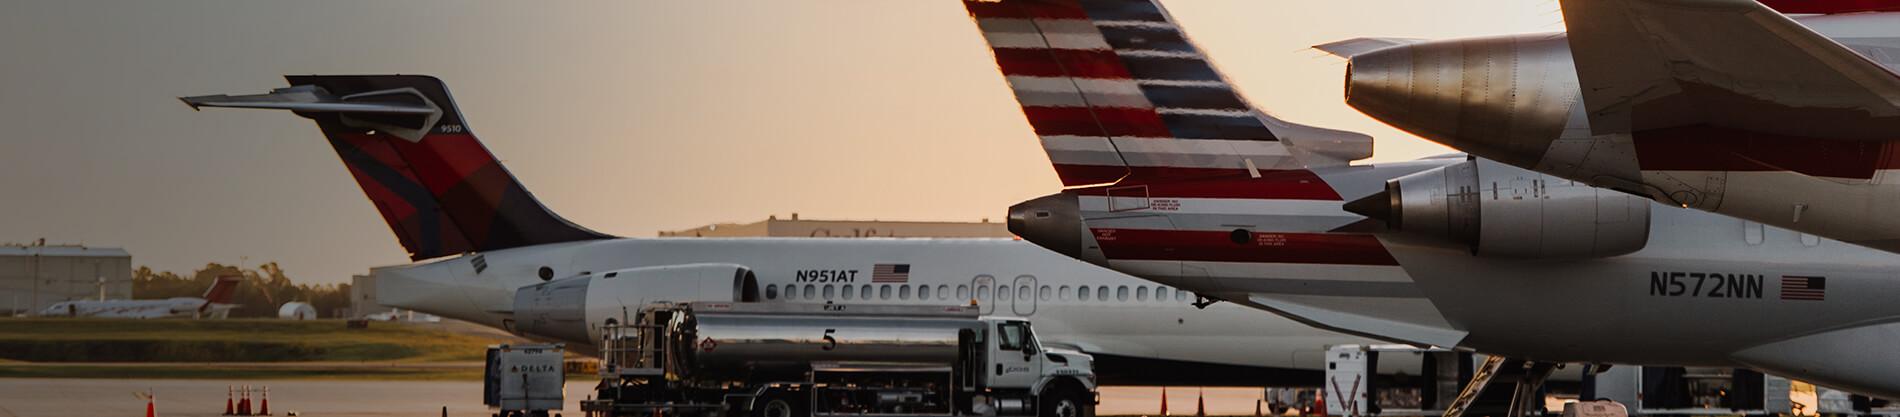 Resultado de imagen para Savannah Airport